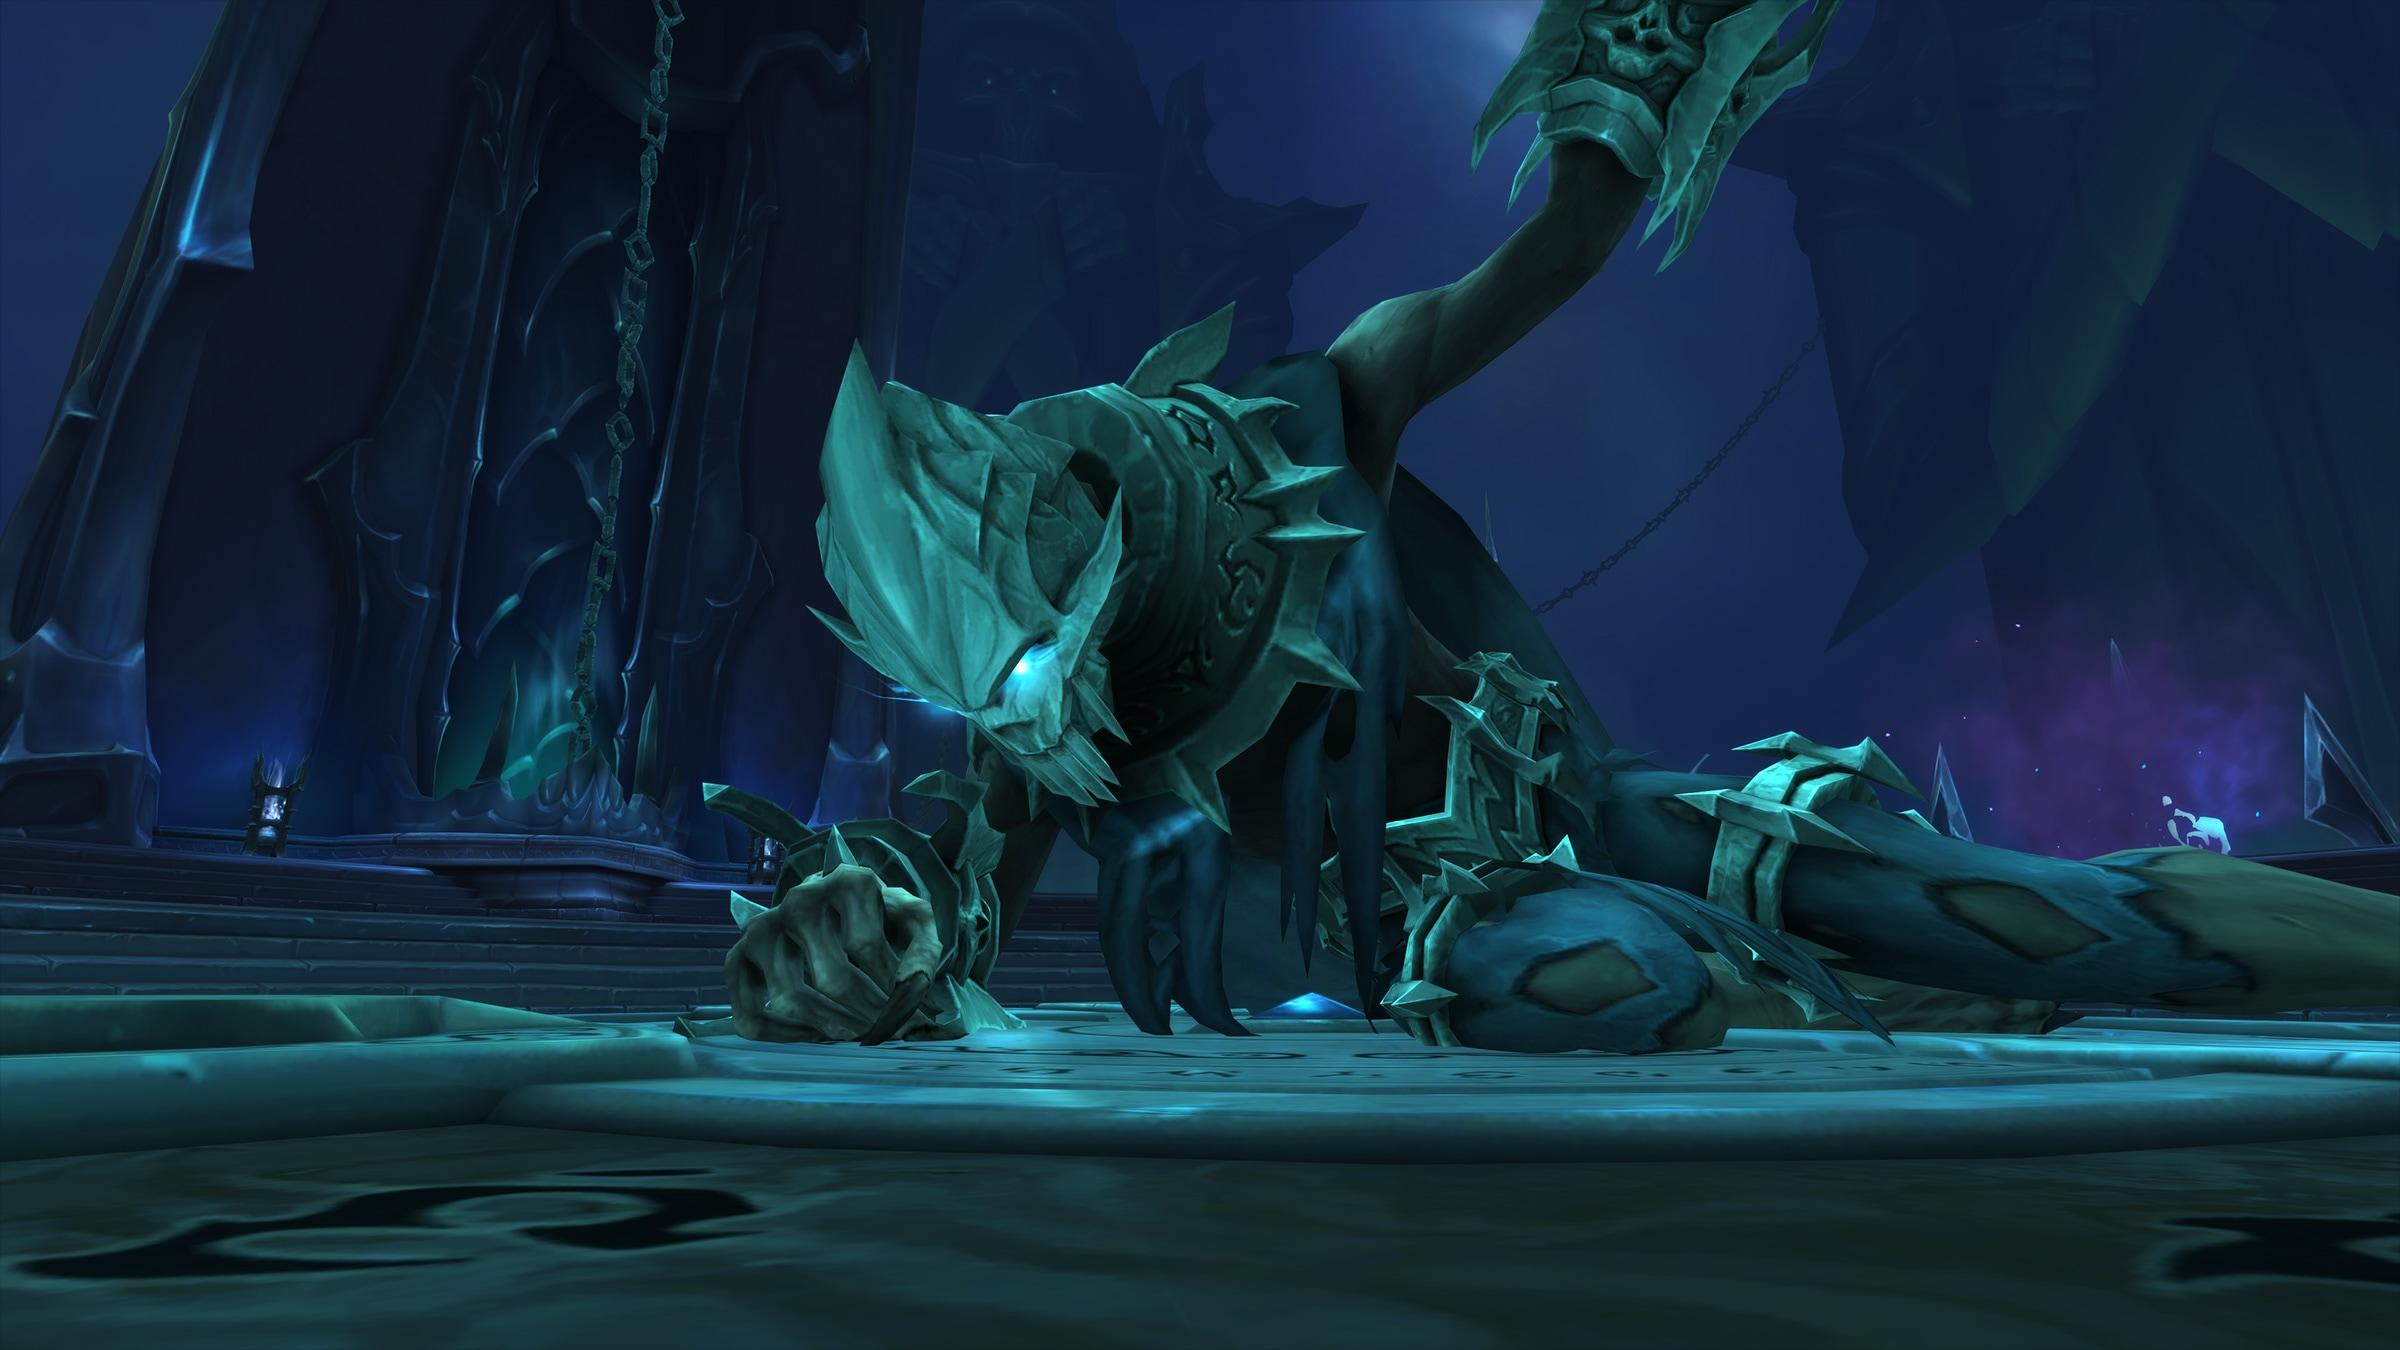 Предварительный обзор дополнения Shadowlands: создавайте собственные легендарные предметы